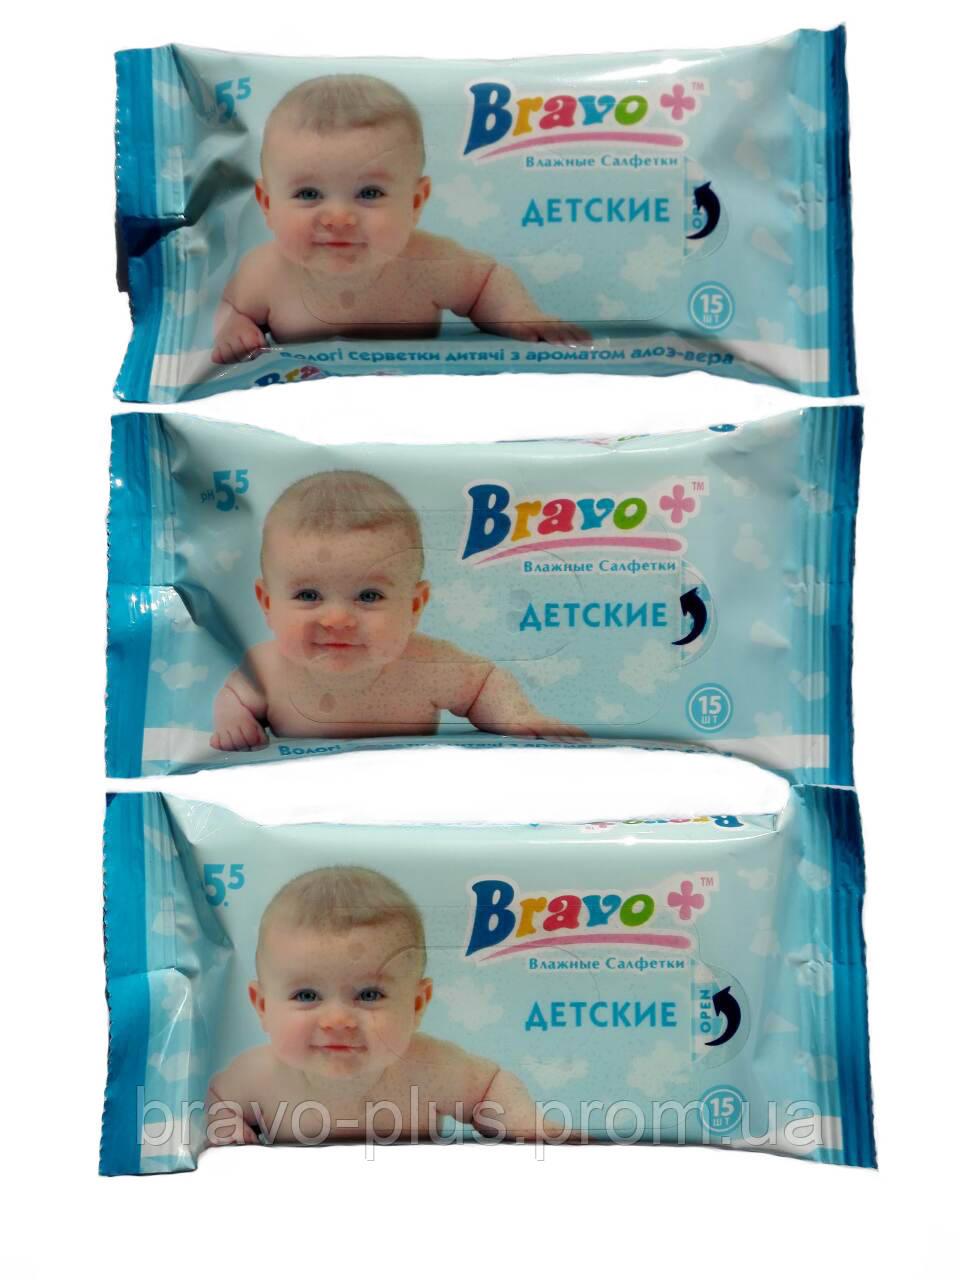 Влажные салфетки Bravo+ для детей, алое вера 15 шт. ( Bravo-plus Браво )